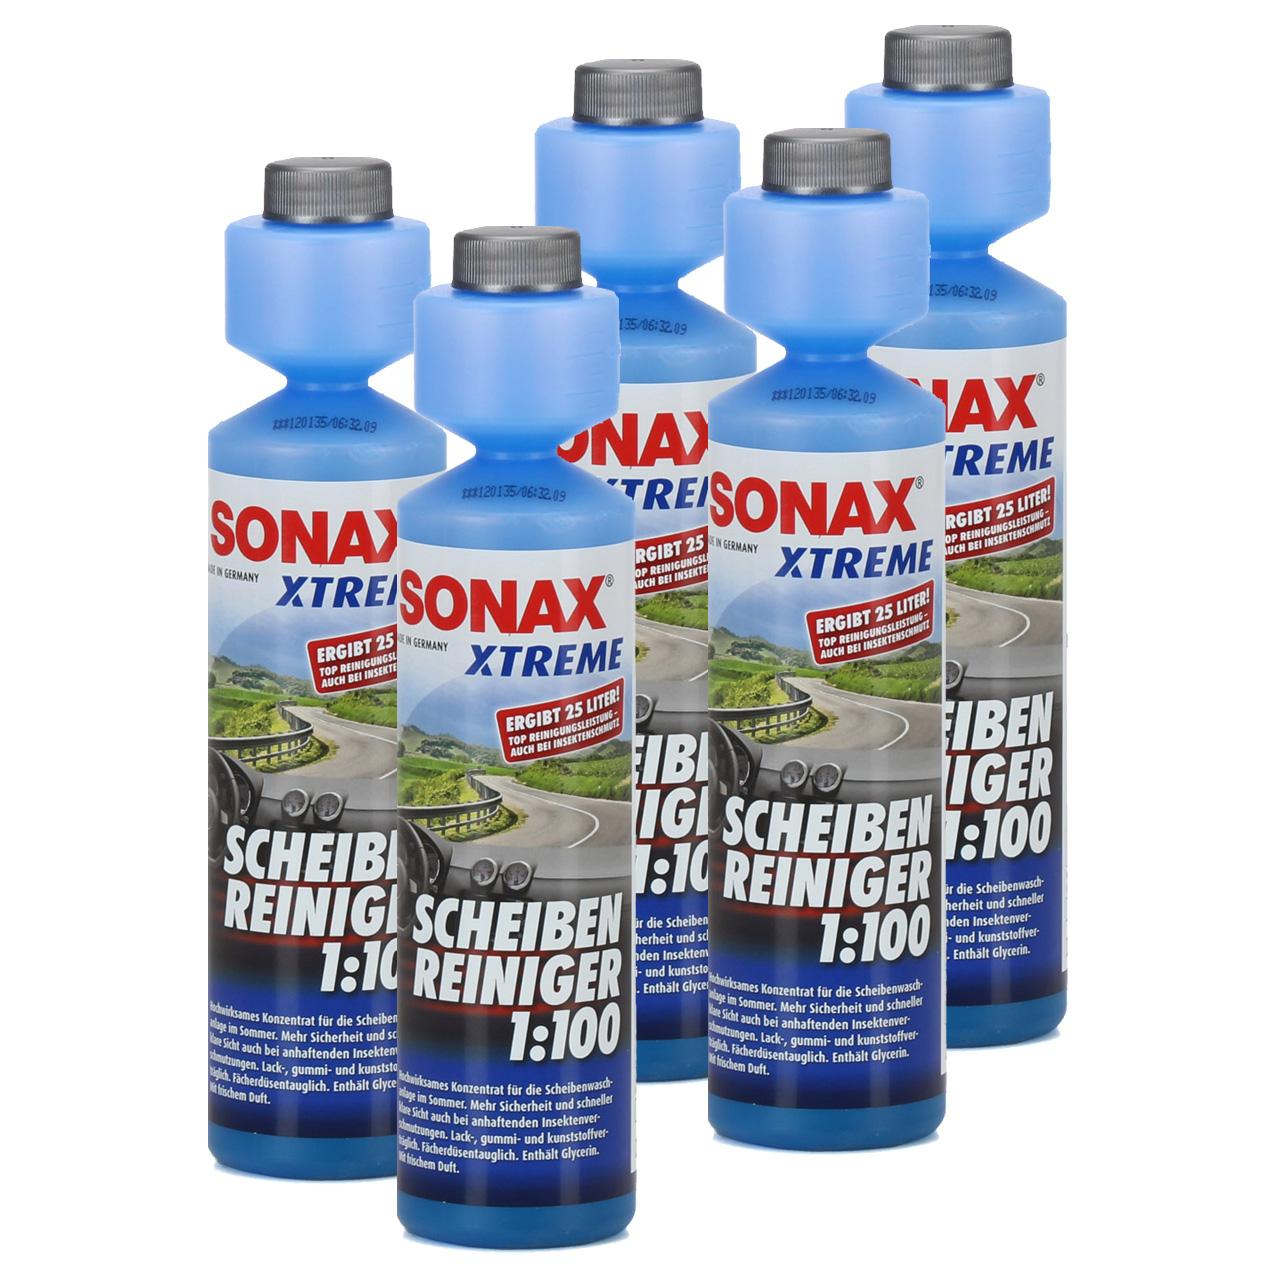 5x 250ml SONAX 271141 XTREME Scheiben Reiniger 1:100 NanoPro Scheiben Klar